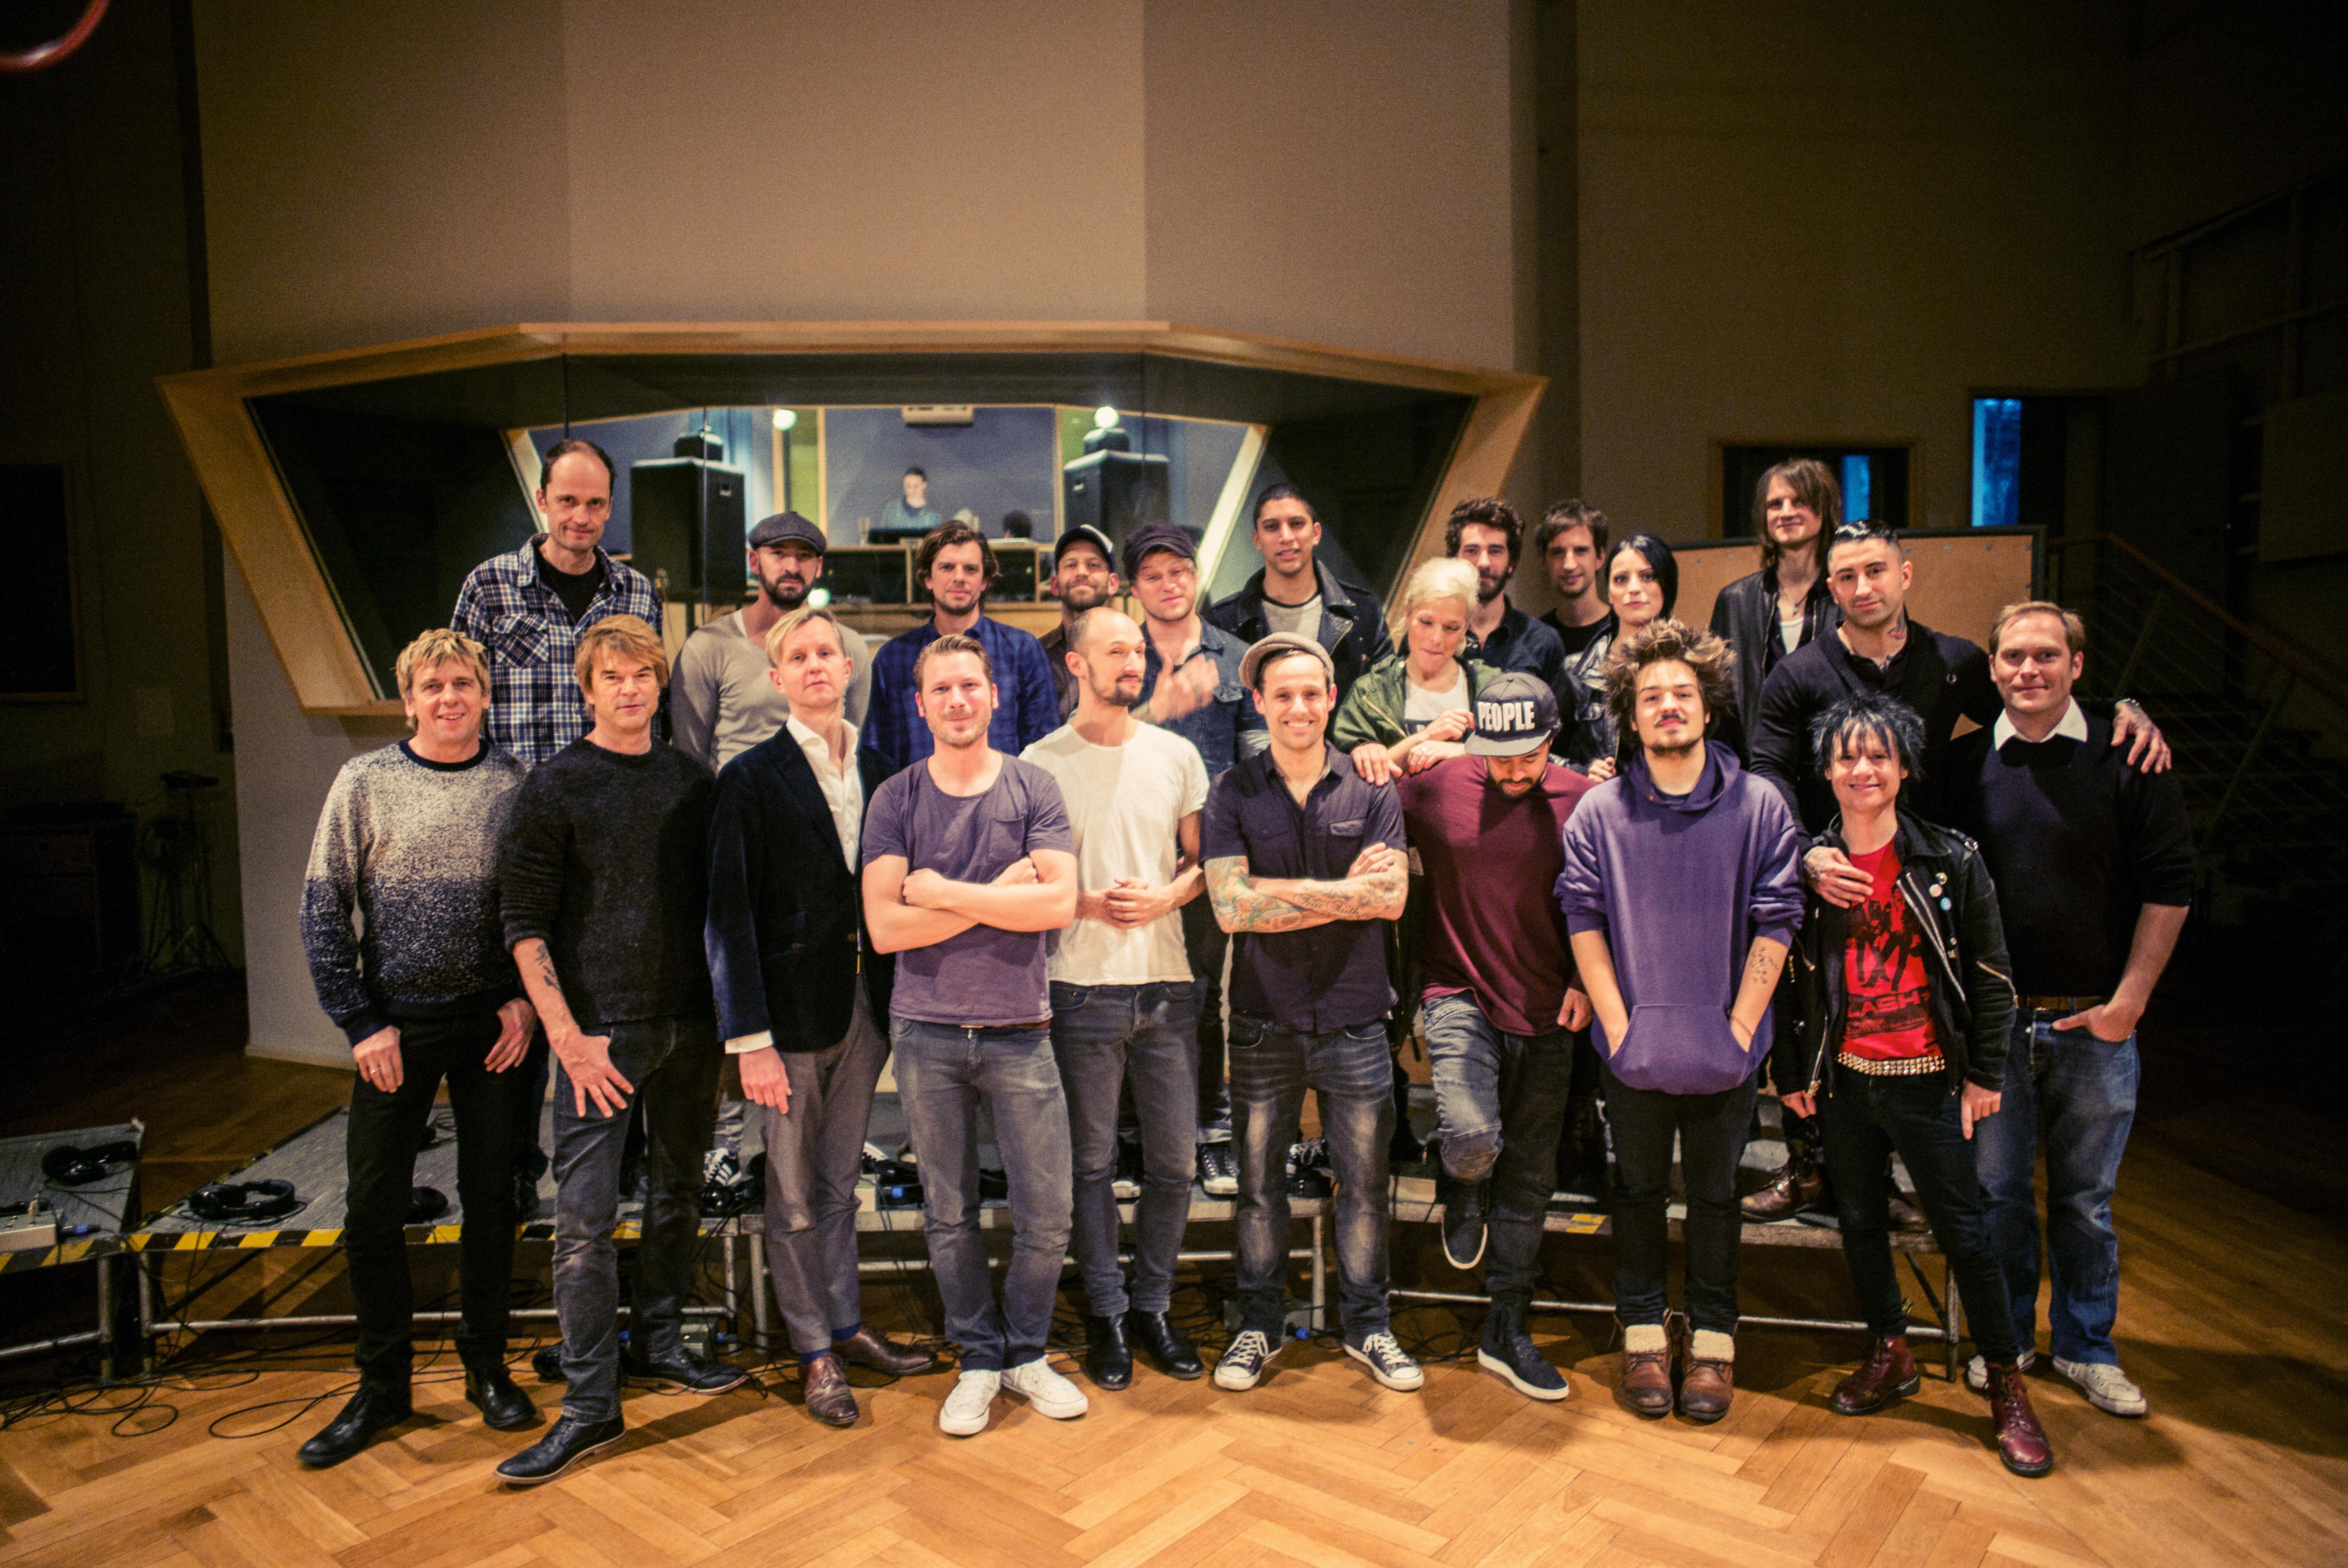 HANDOUT - Das Handout von Jochens Kleine Plattenfirma (JPK) zeigt die Mitglieder der Band Aid 30 am 16.11.2014 in einem Musik